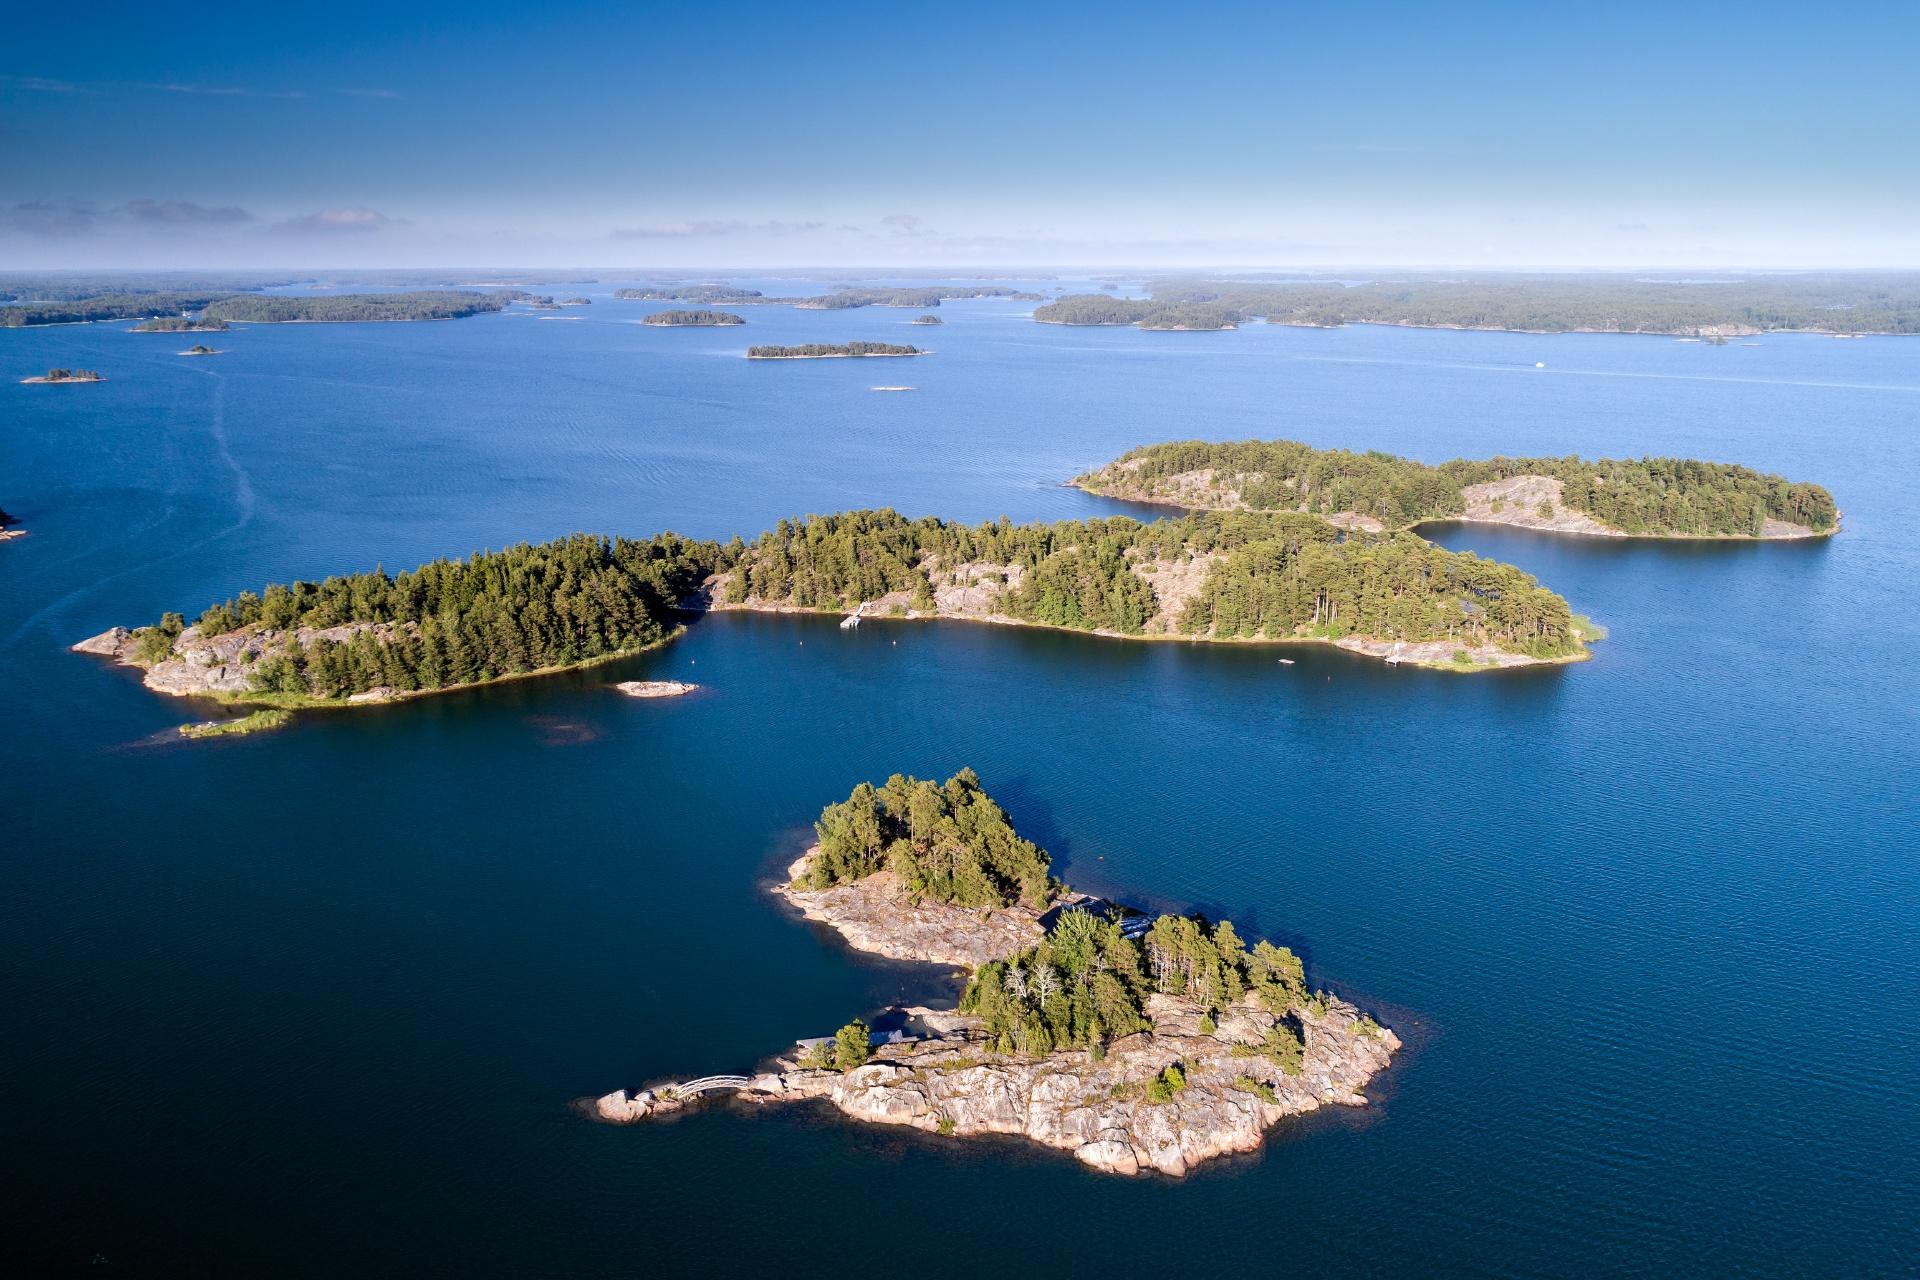 夏のフィンランド諸島の風景 フィンランドの風景